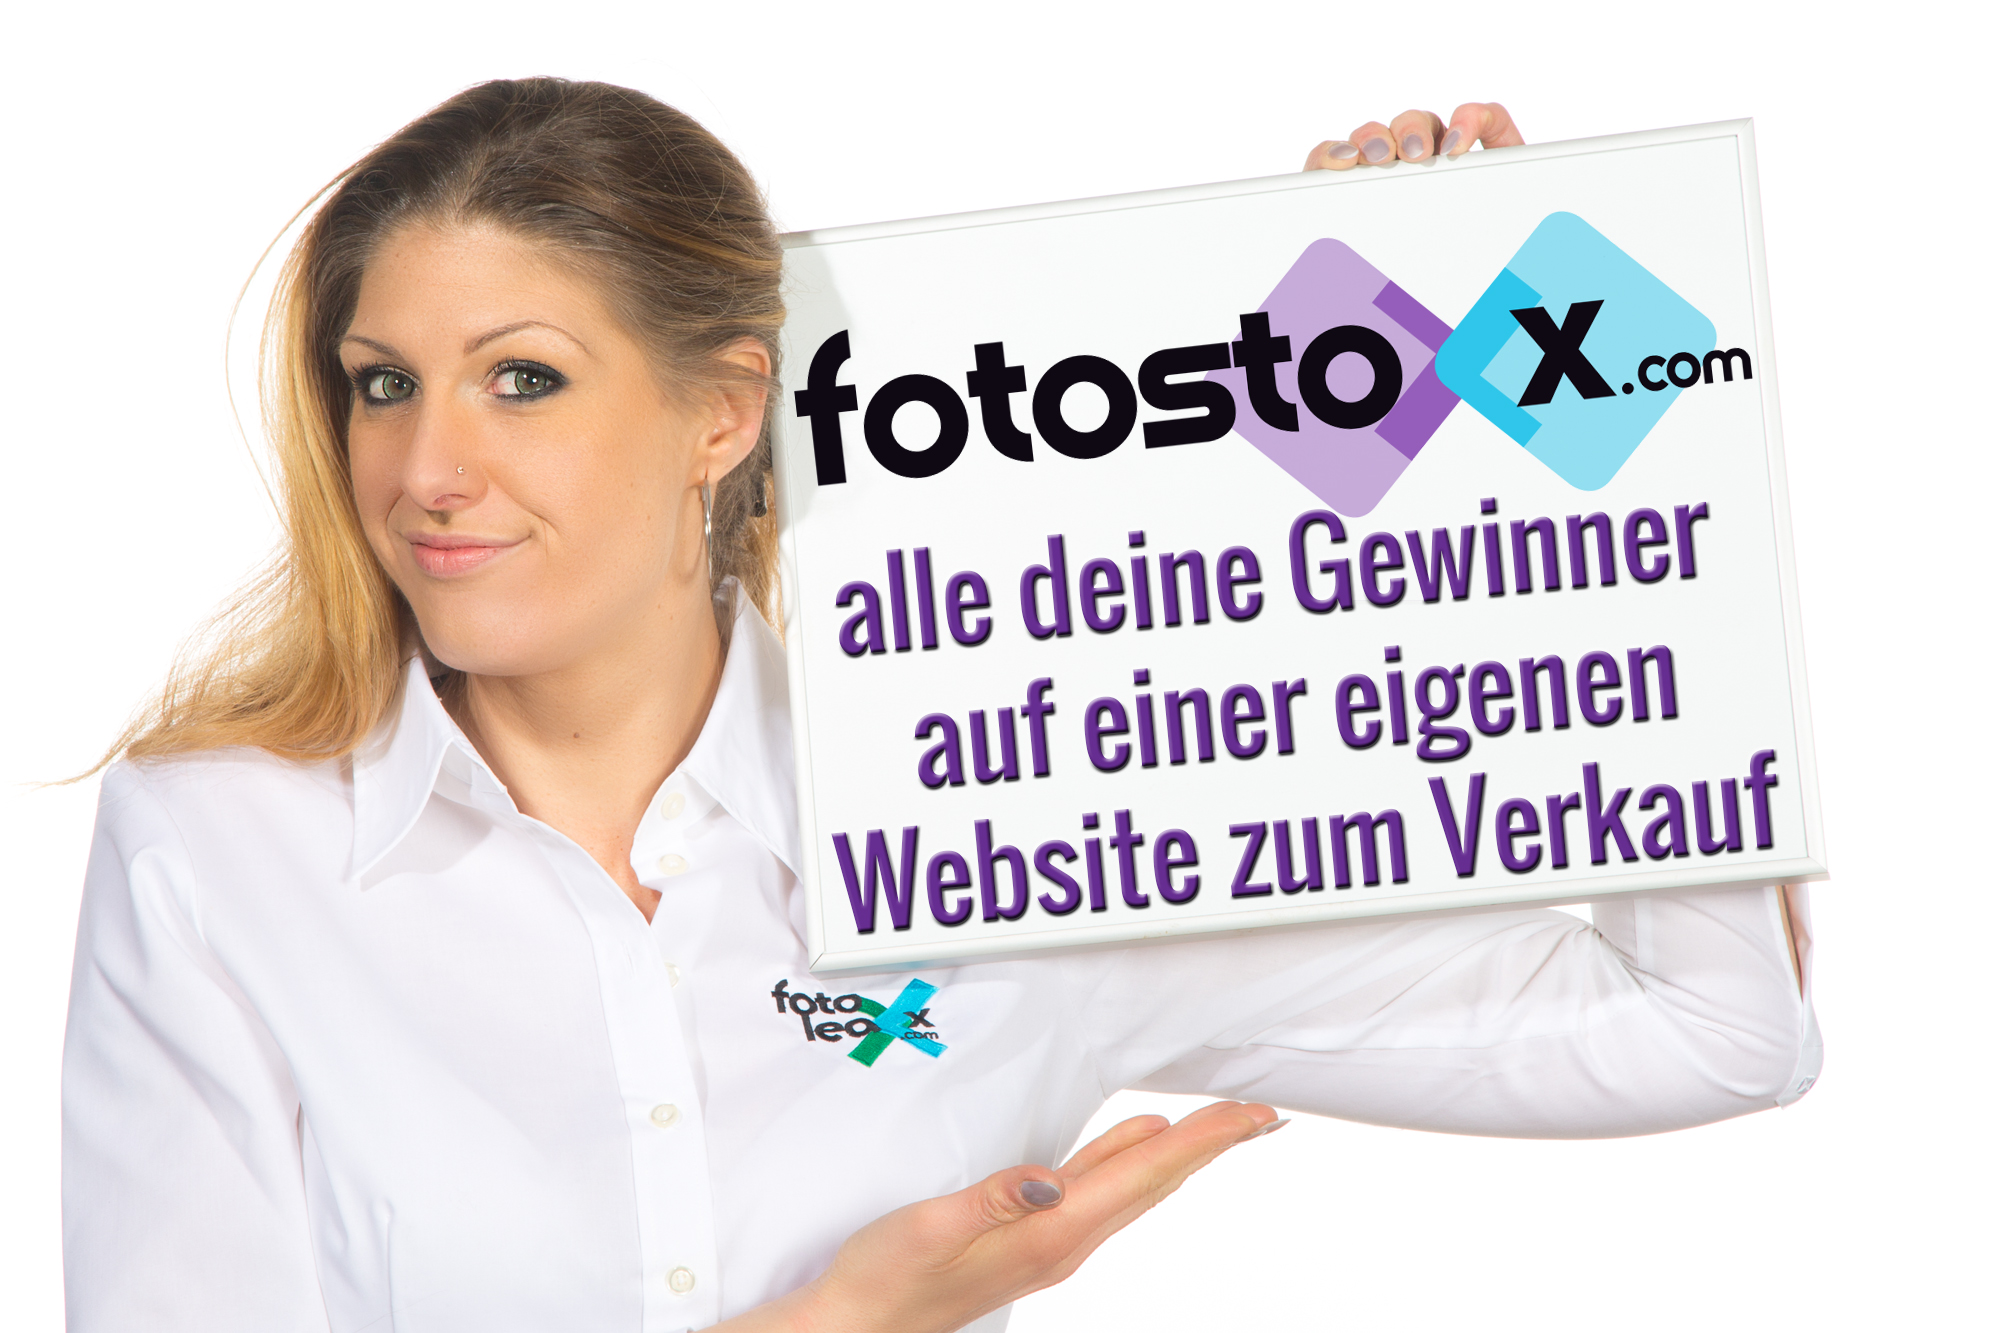 ...fotostoxx.com - MEINE GEWINNER AUF EINER EIGENEN WEBSITE...